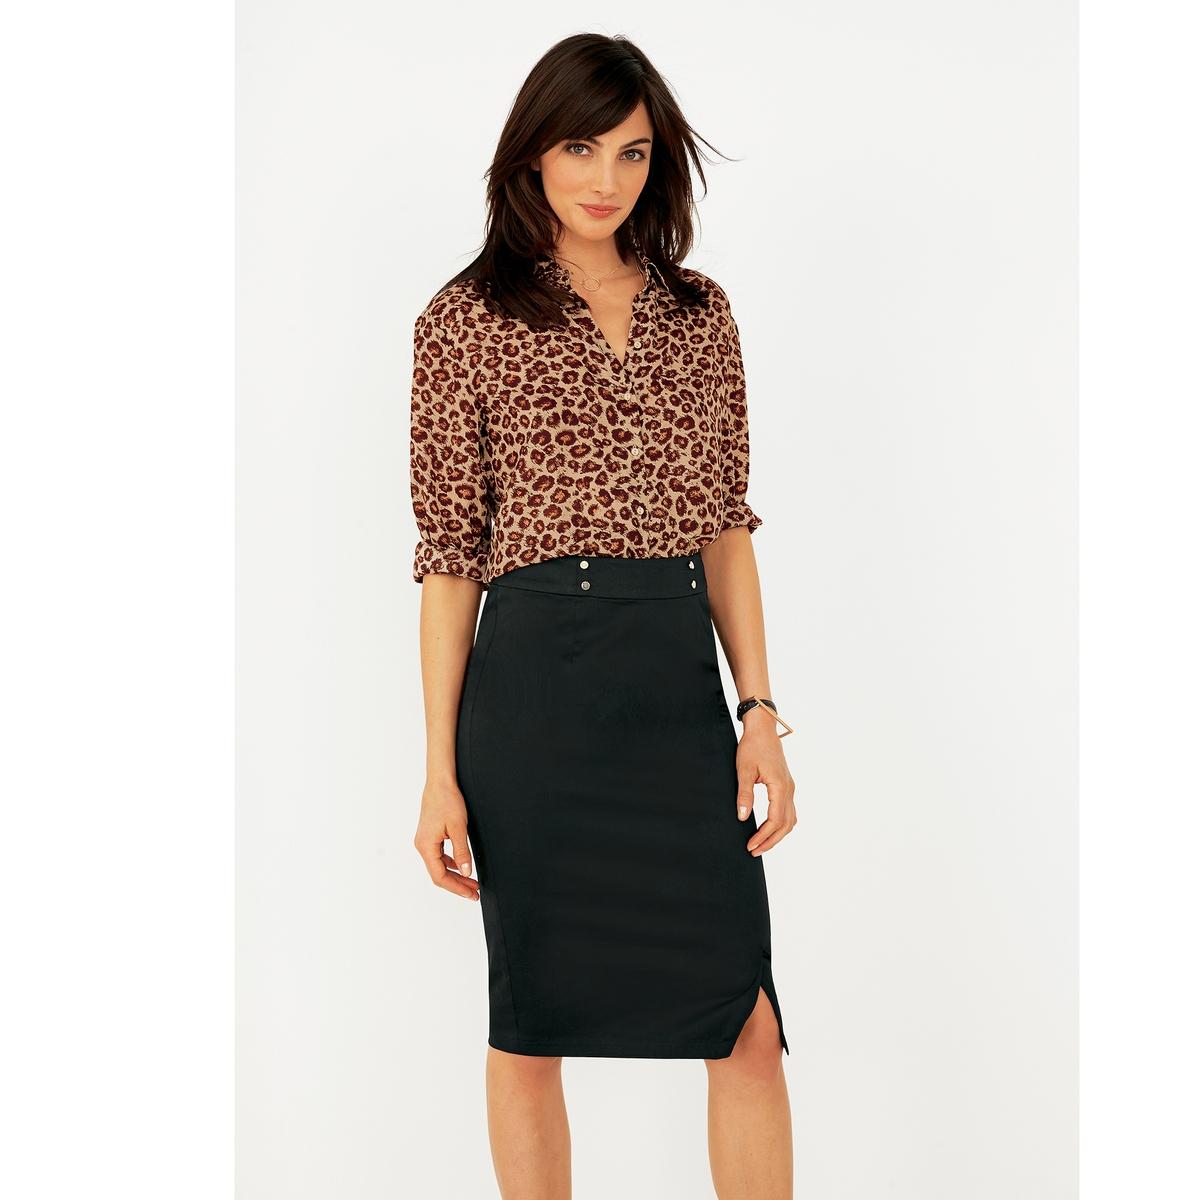 Рубашка с принтом и длинными рукавамиРубашка из крепа, 100% полиэстера. Длинные рукава, манжеты с застежкой на пуговицу. Рубашечный воротник на стойке. Застежка на пуговицы в тон. Закругленный низ. Длина 66 см.<br><br>Цвет: набивной рисунок<br>Размер: 34 (FR) - 40 (RUS)